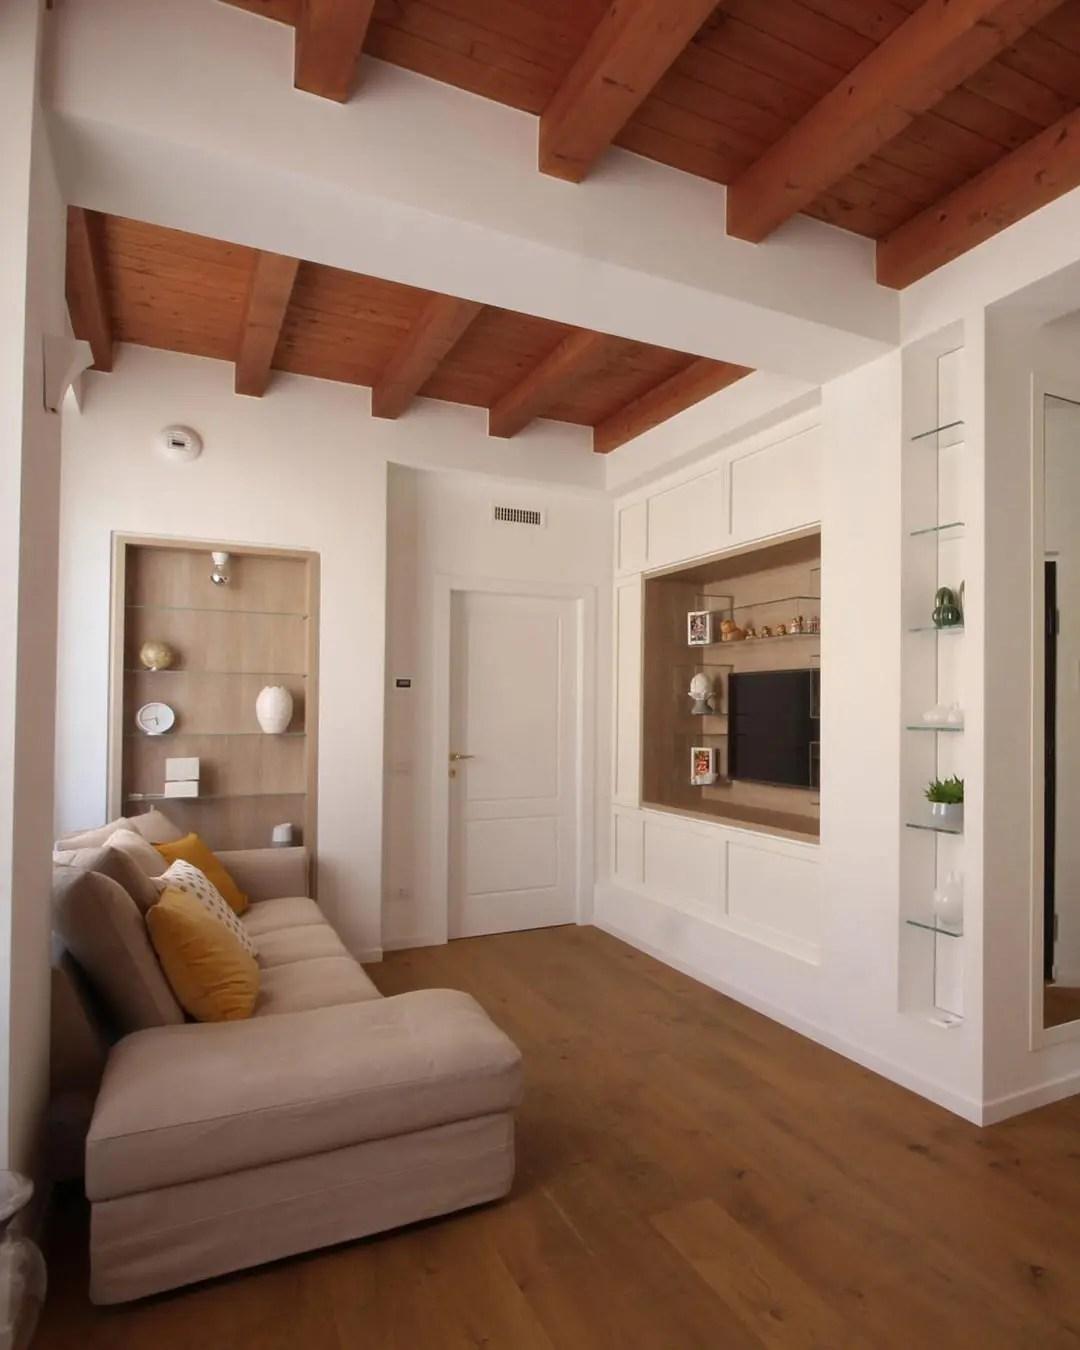 Parete attrezzata soggiorno moderna cemento roi gihome ® mobile porta tv design. Arredamento In Stile Country Chic